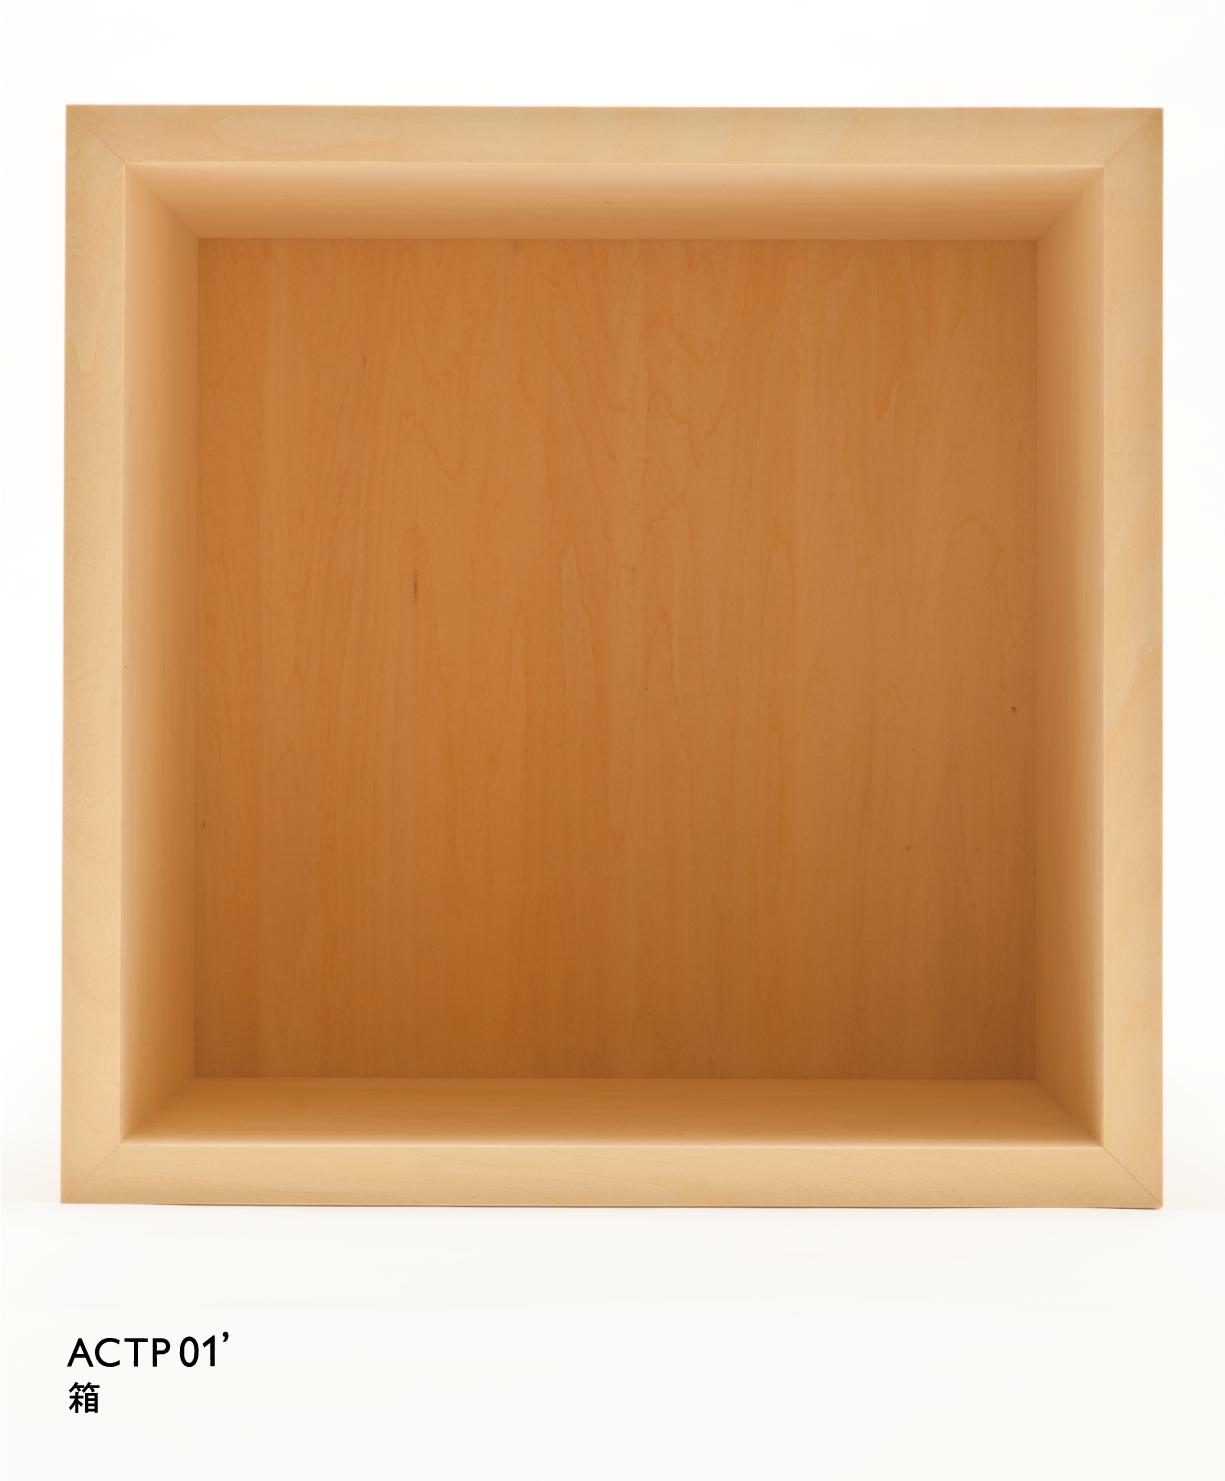 ACTP 01′ 箱